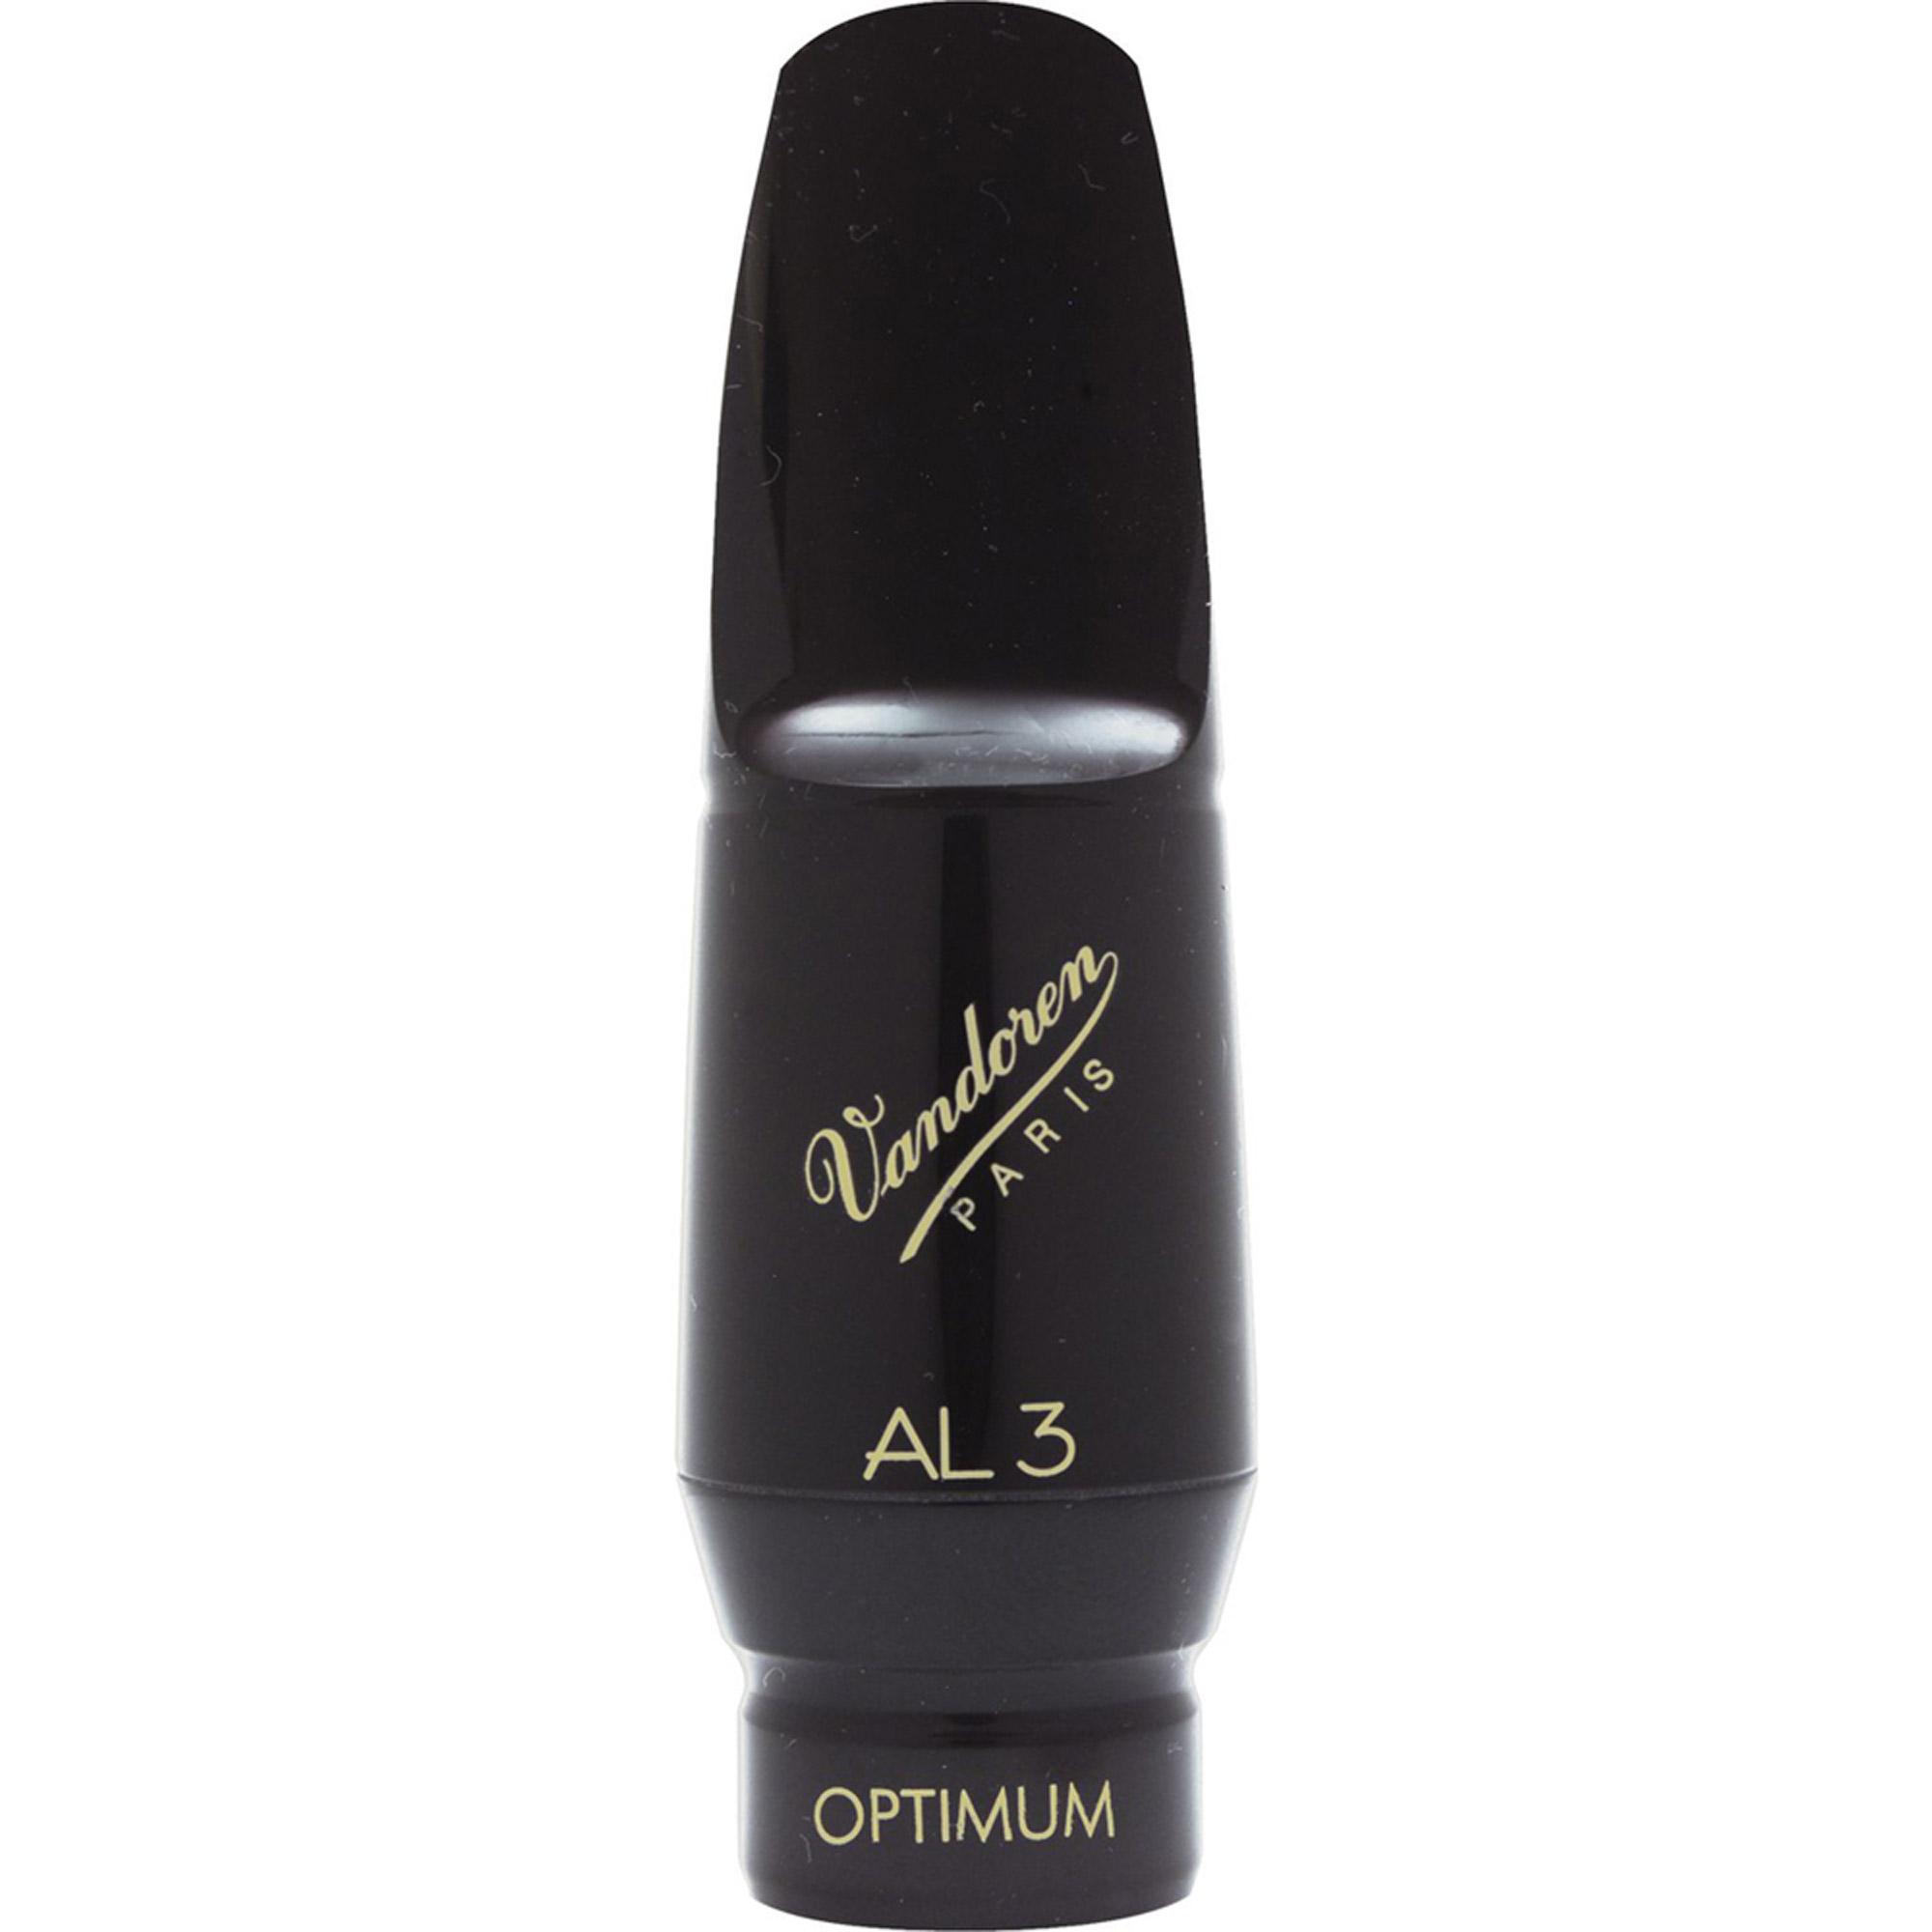 Vandoren Optimum Alto Saxophone Mouthpiece, AL3